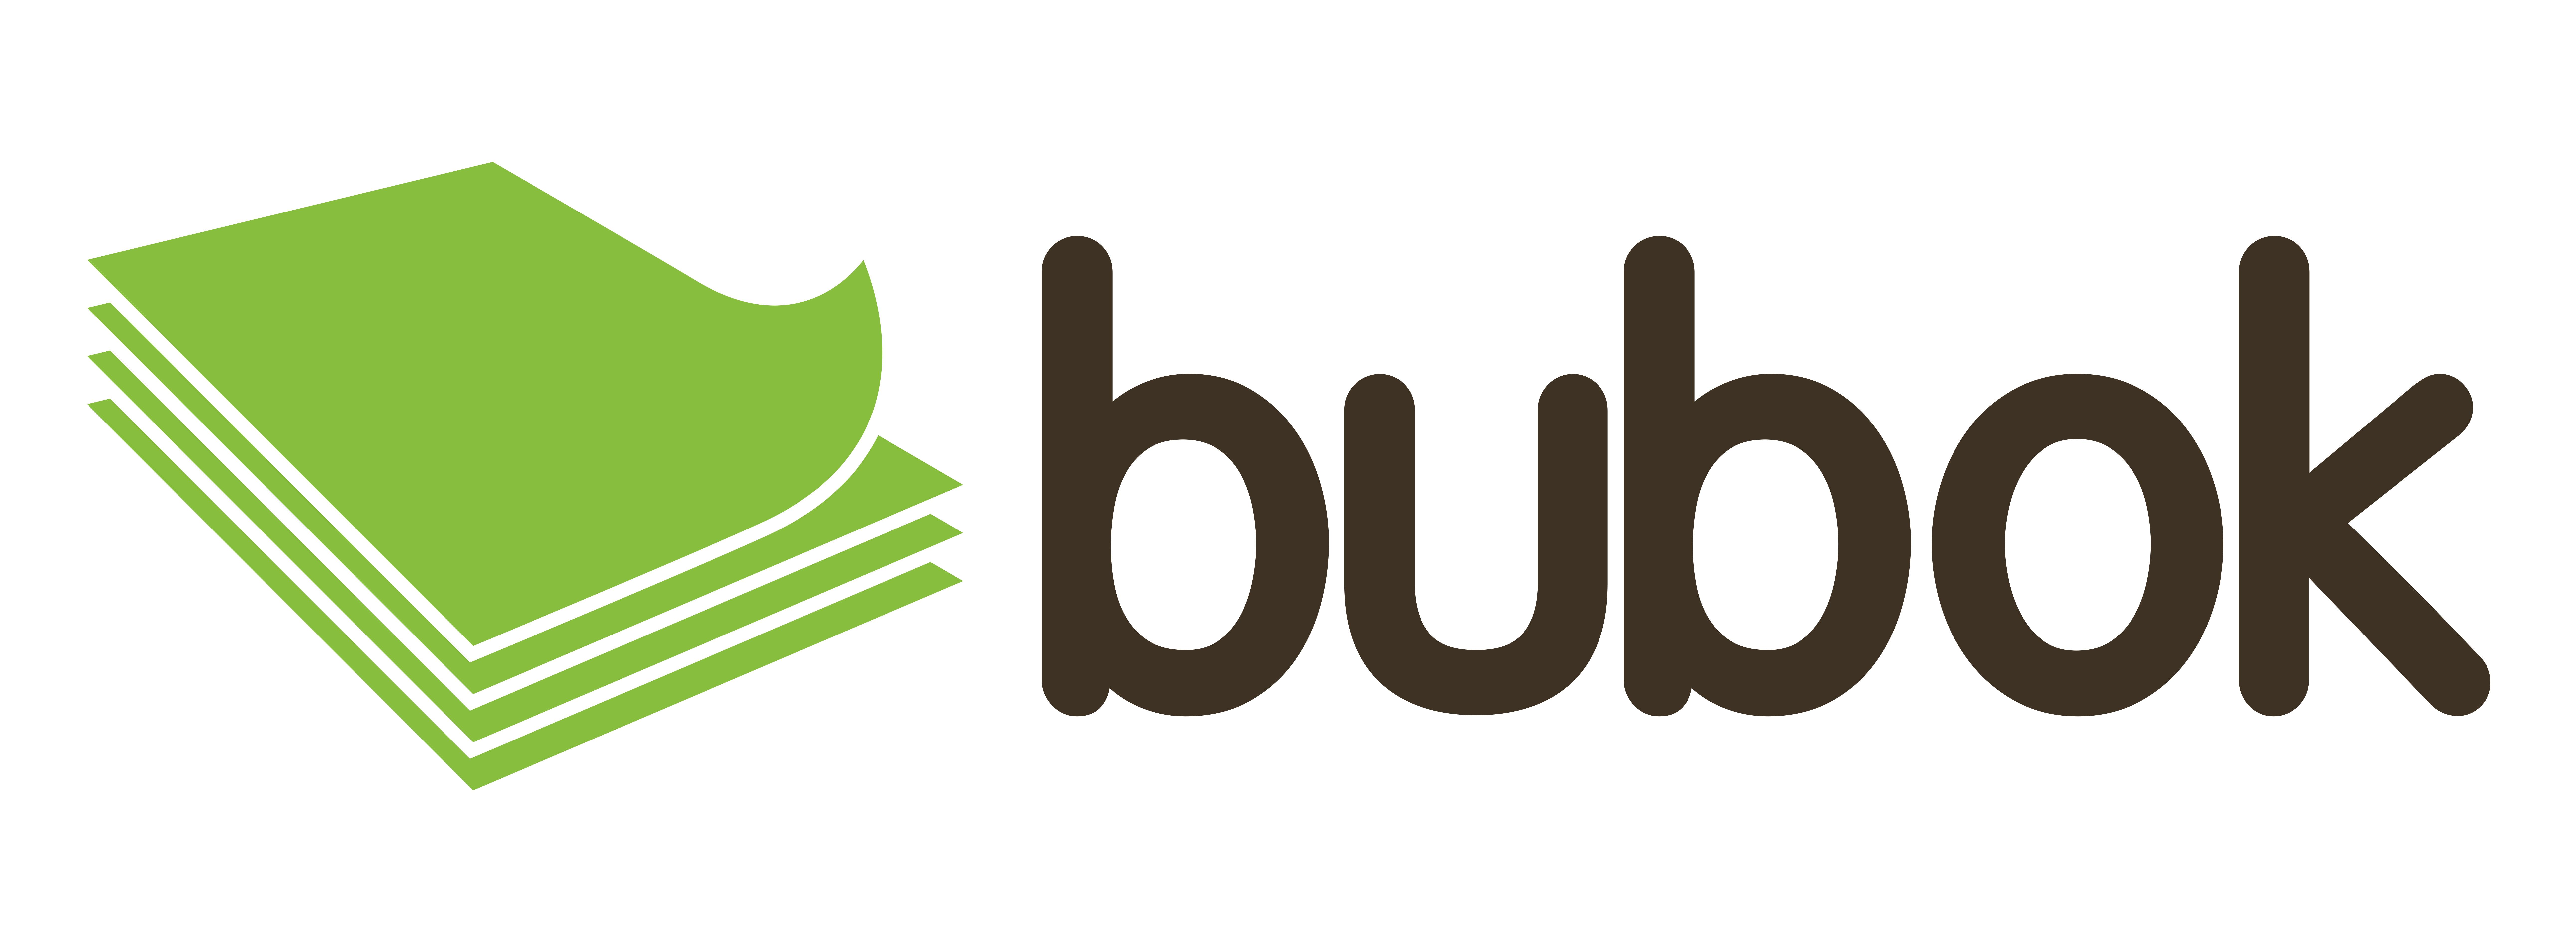 http://www.bubok.es/img/logo_bubok_alta/bubok.es/bubok-01.jpg